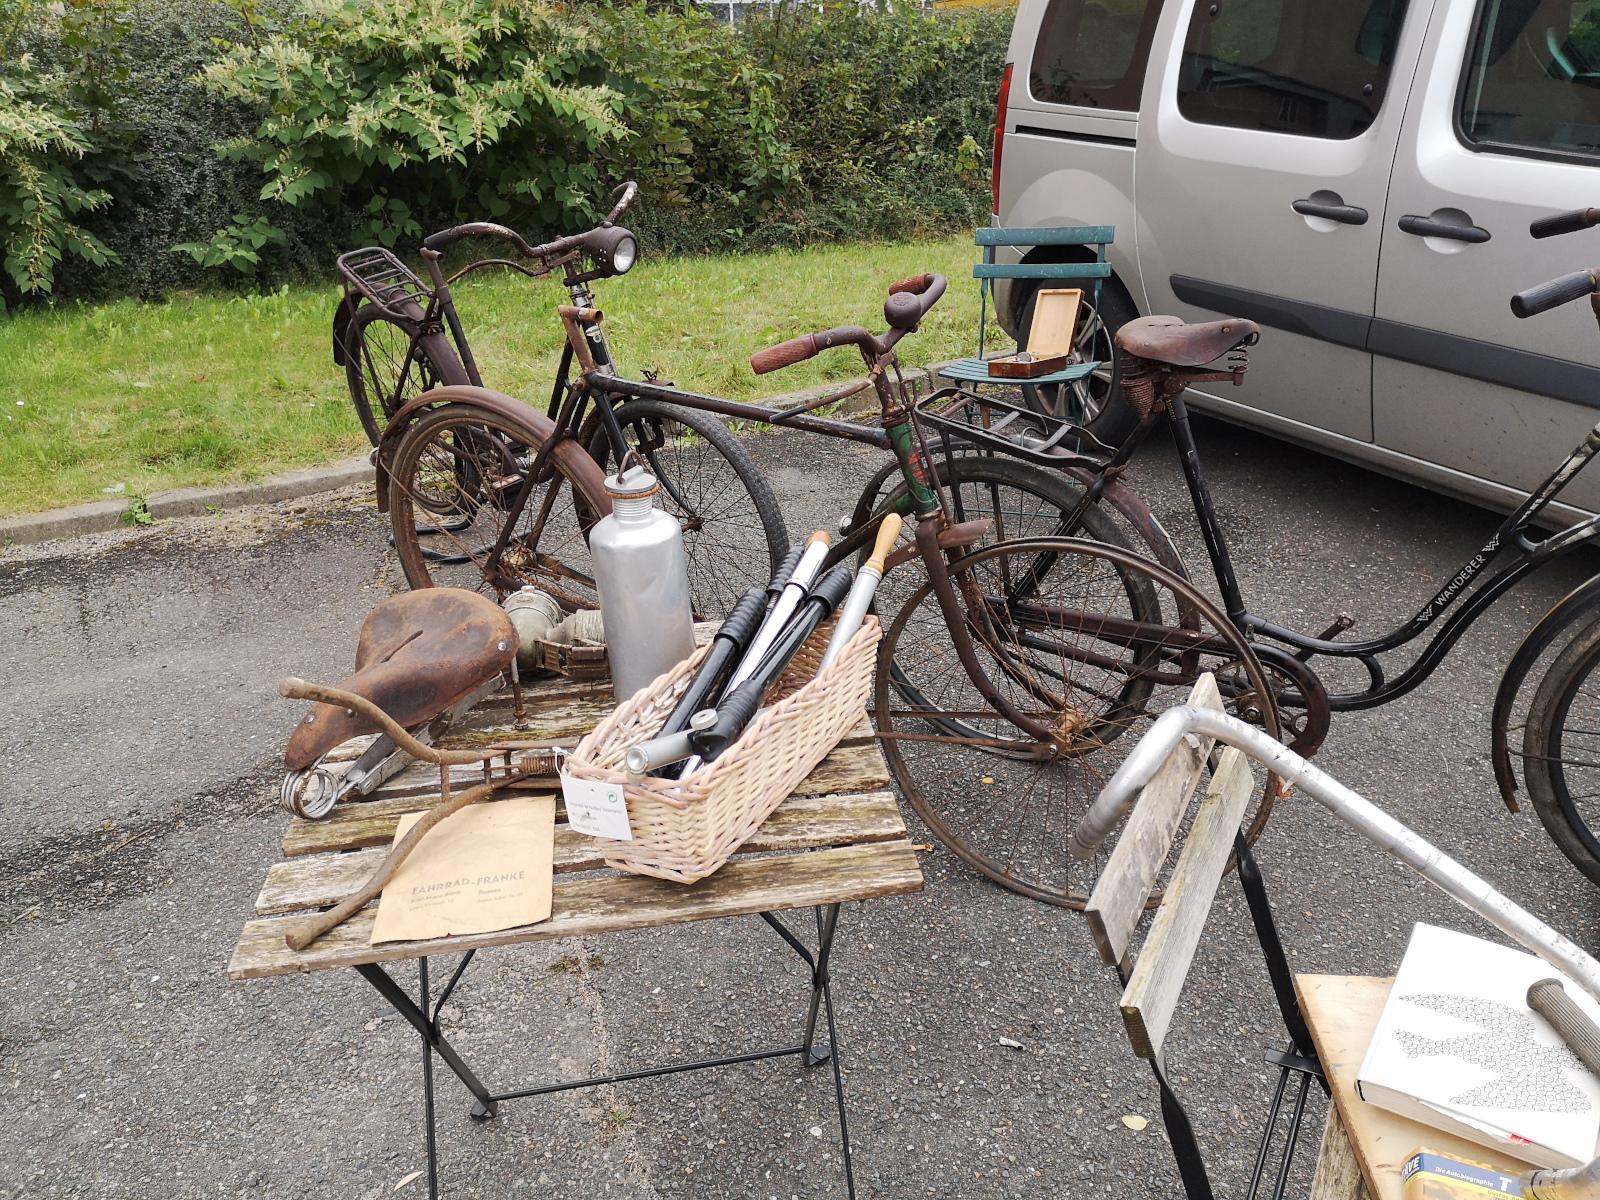 Räder und Teile vom Fahrradflohmarkt